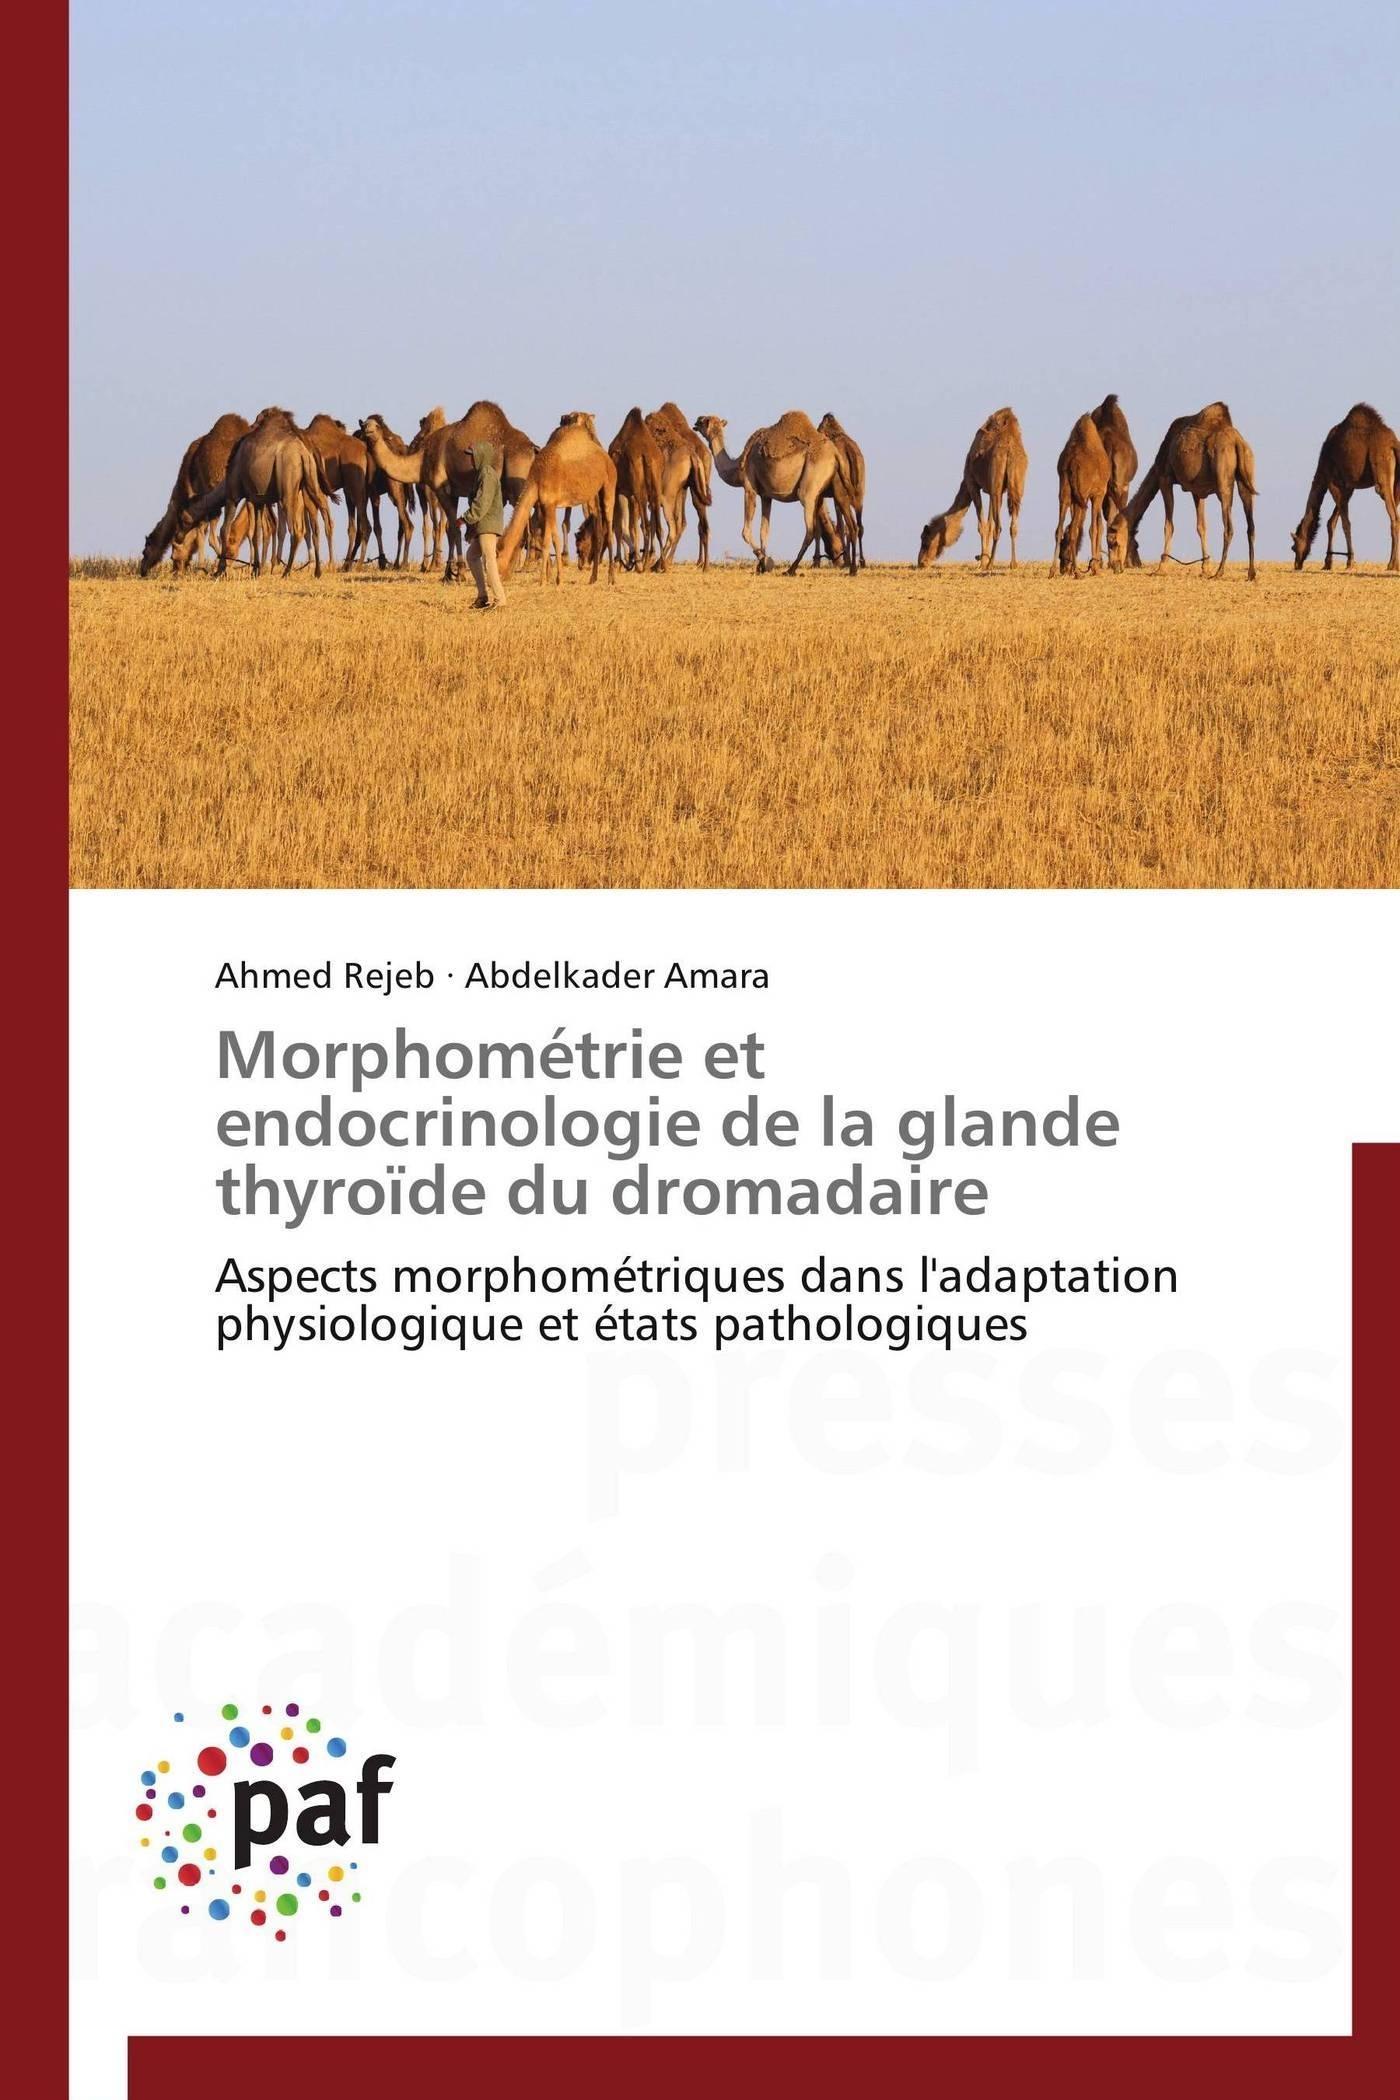 MORPHOMETRIE ET ENDOCRINOLOGIE DE LA GLANDE THYROIDE DU DROMADAIRE